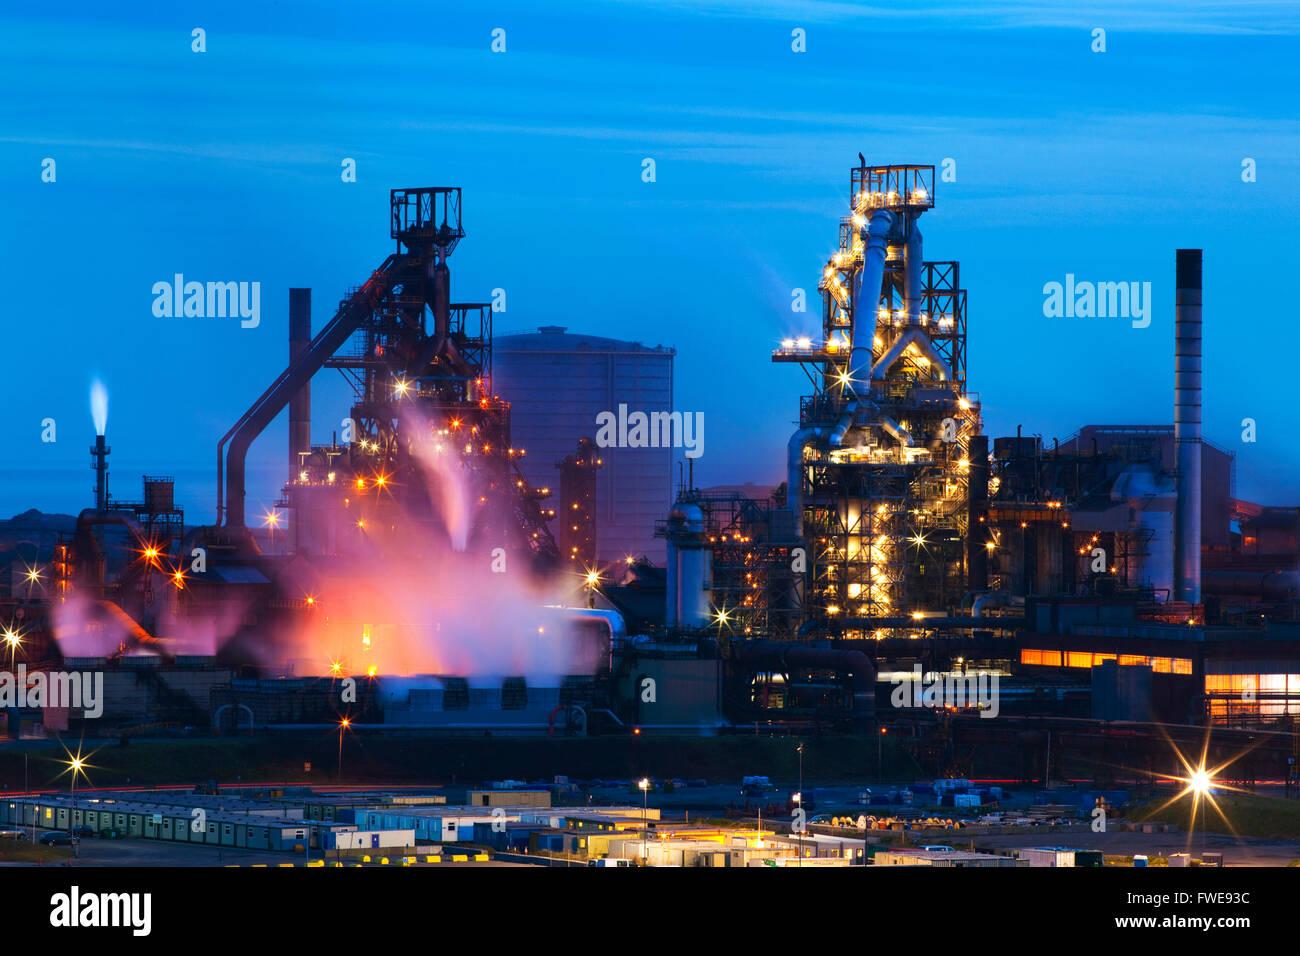 Blast Furnaces, Corus Steelworks, Port Talbot, Wales, U.K. - Stock Image